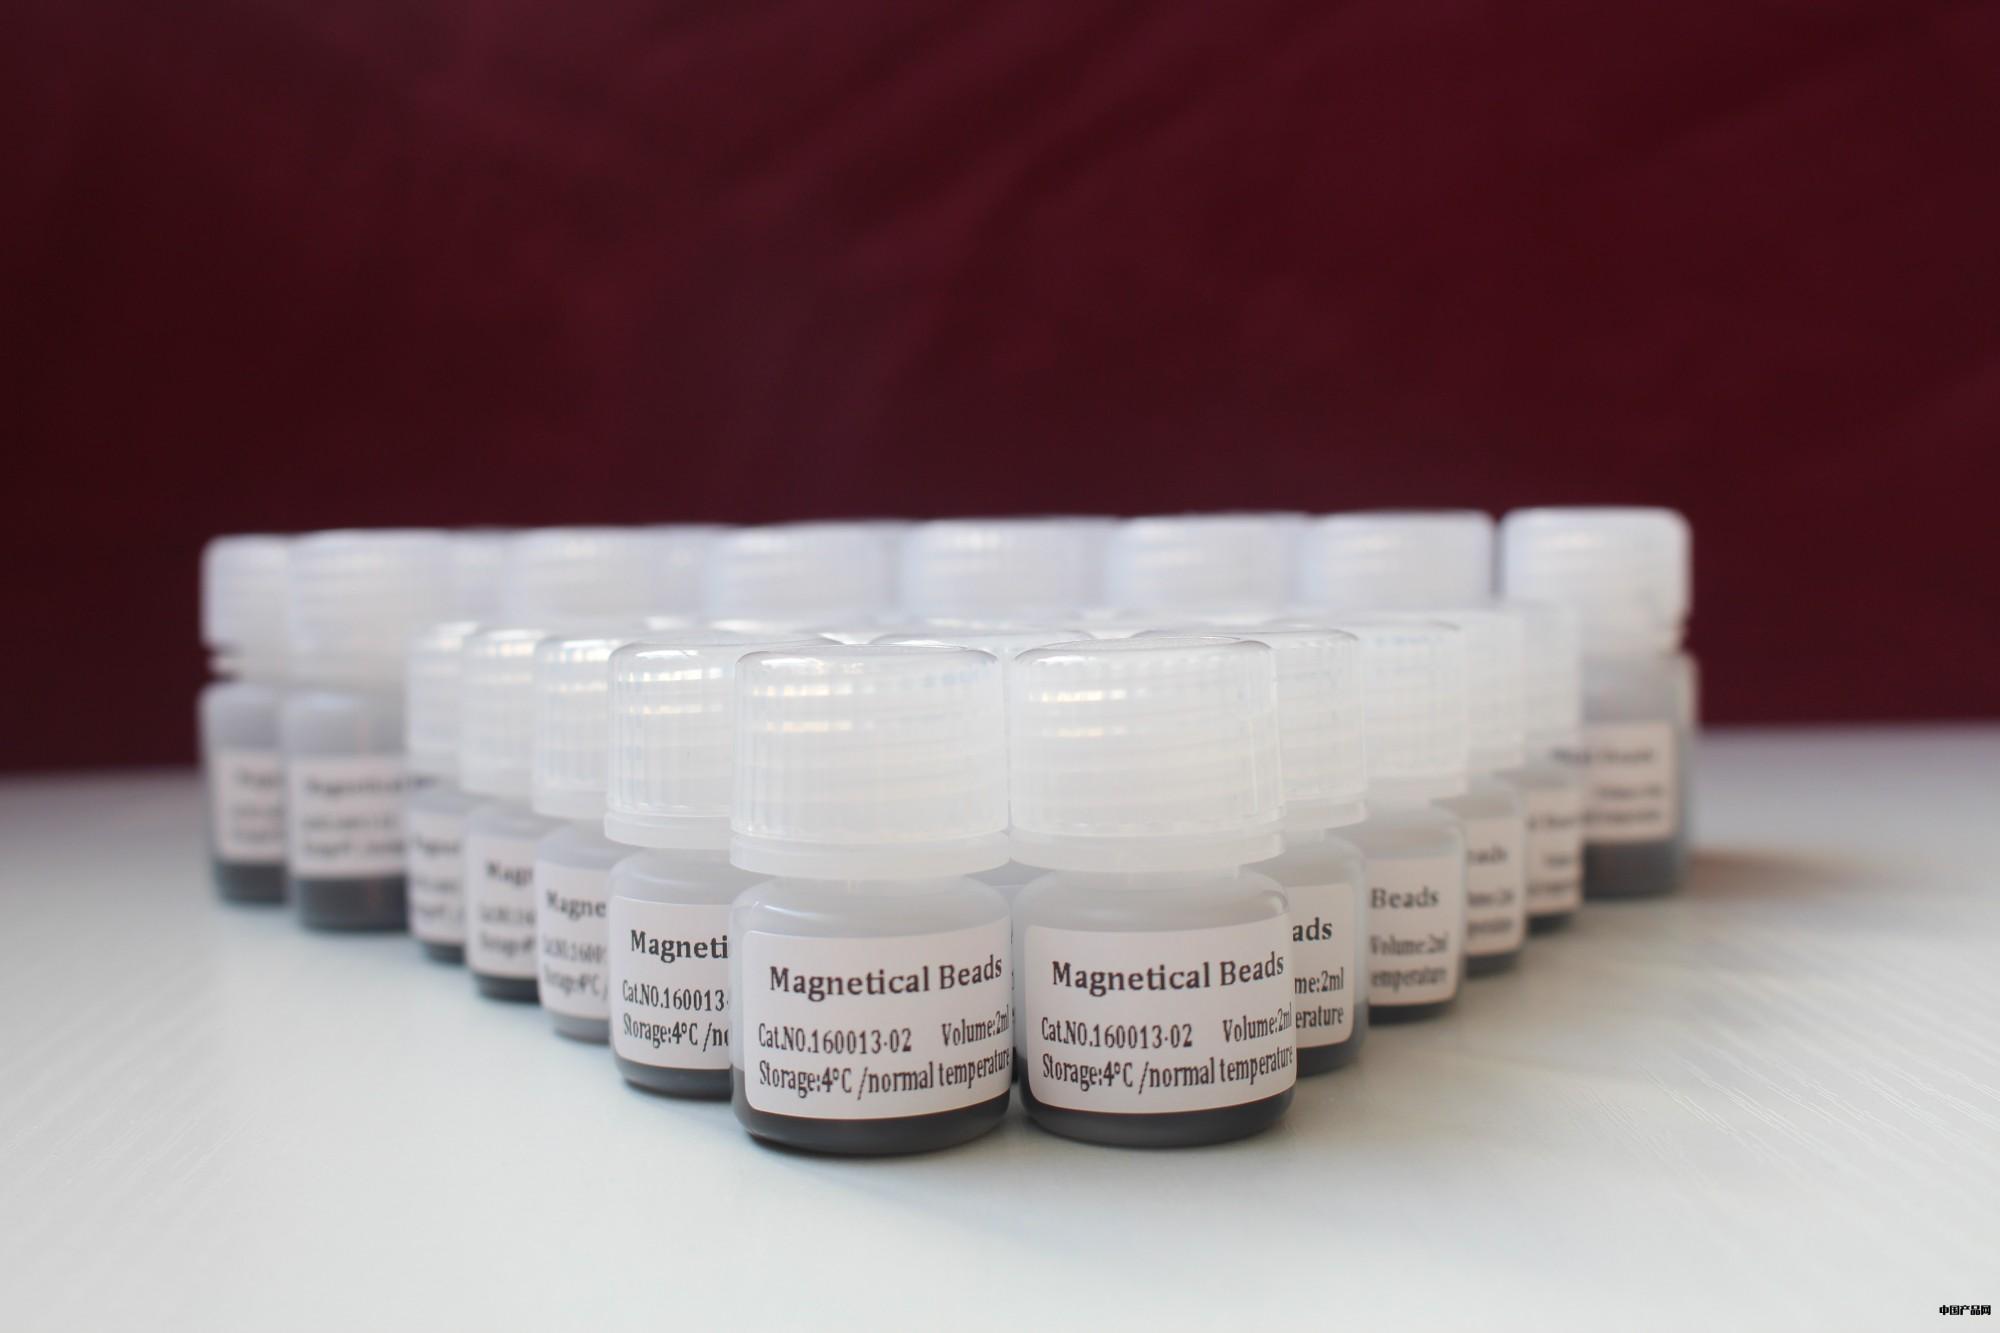 微纳米磁性微球 硅基磁珠 羧基磁珠